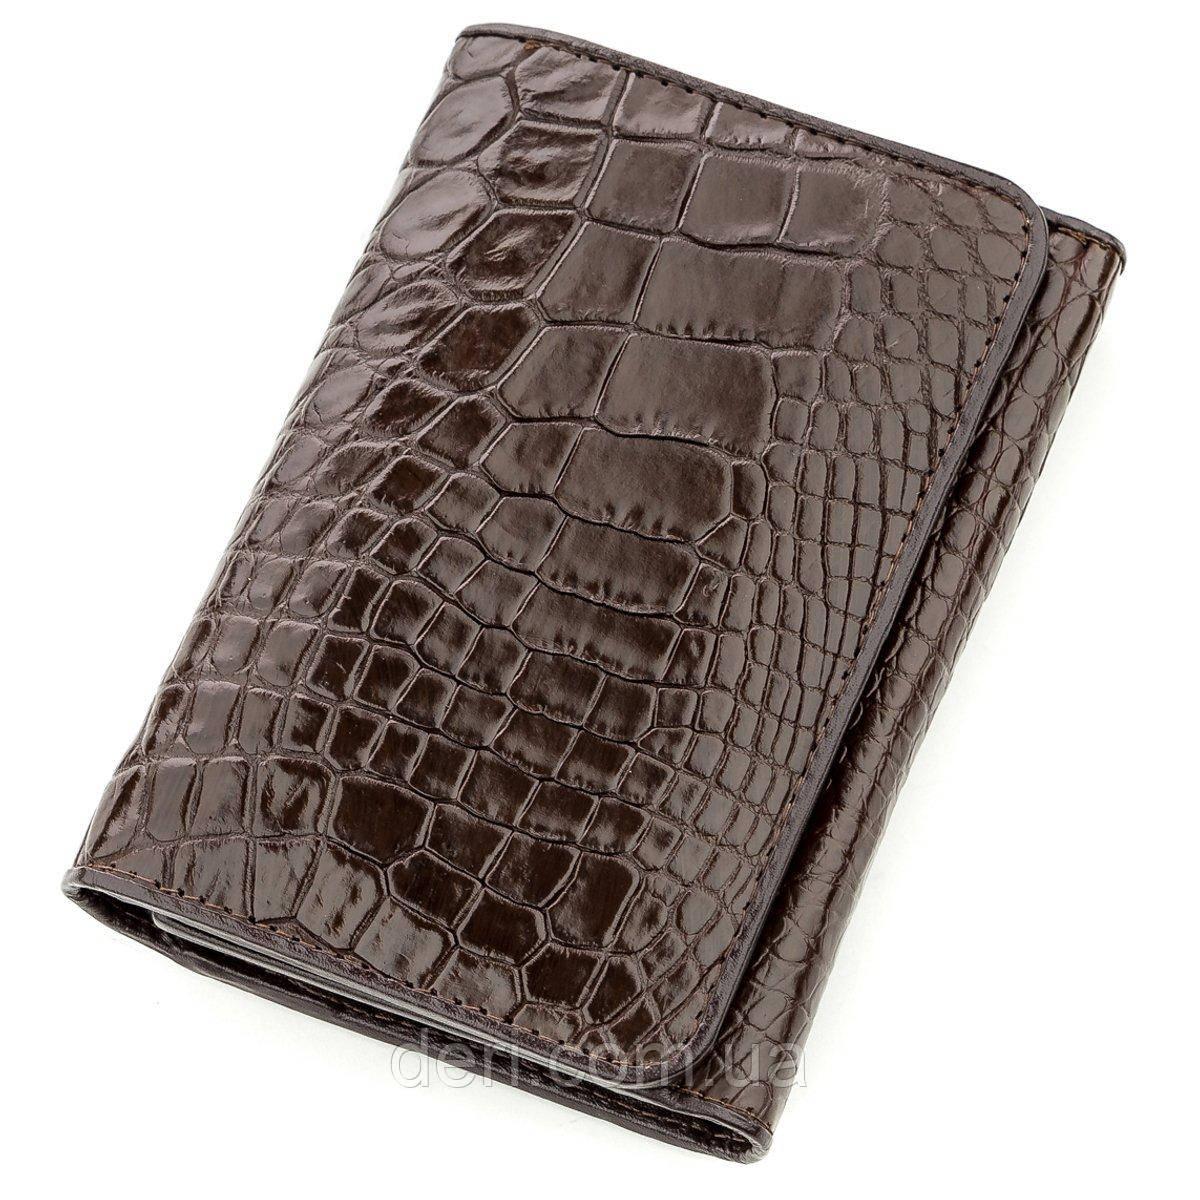 Бумажник мужской CROCODILE LEATHER из натуральной кожи крокодила Коричневый, Коричневый